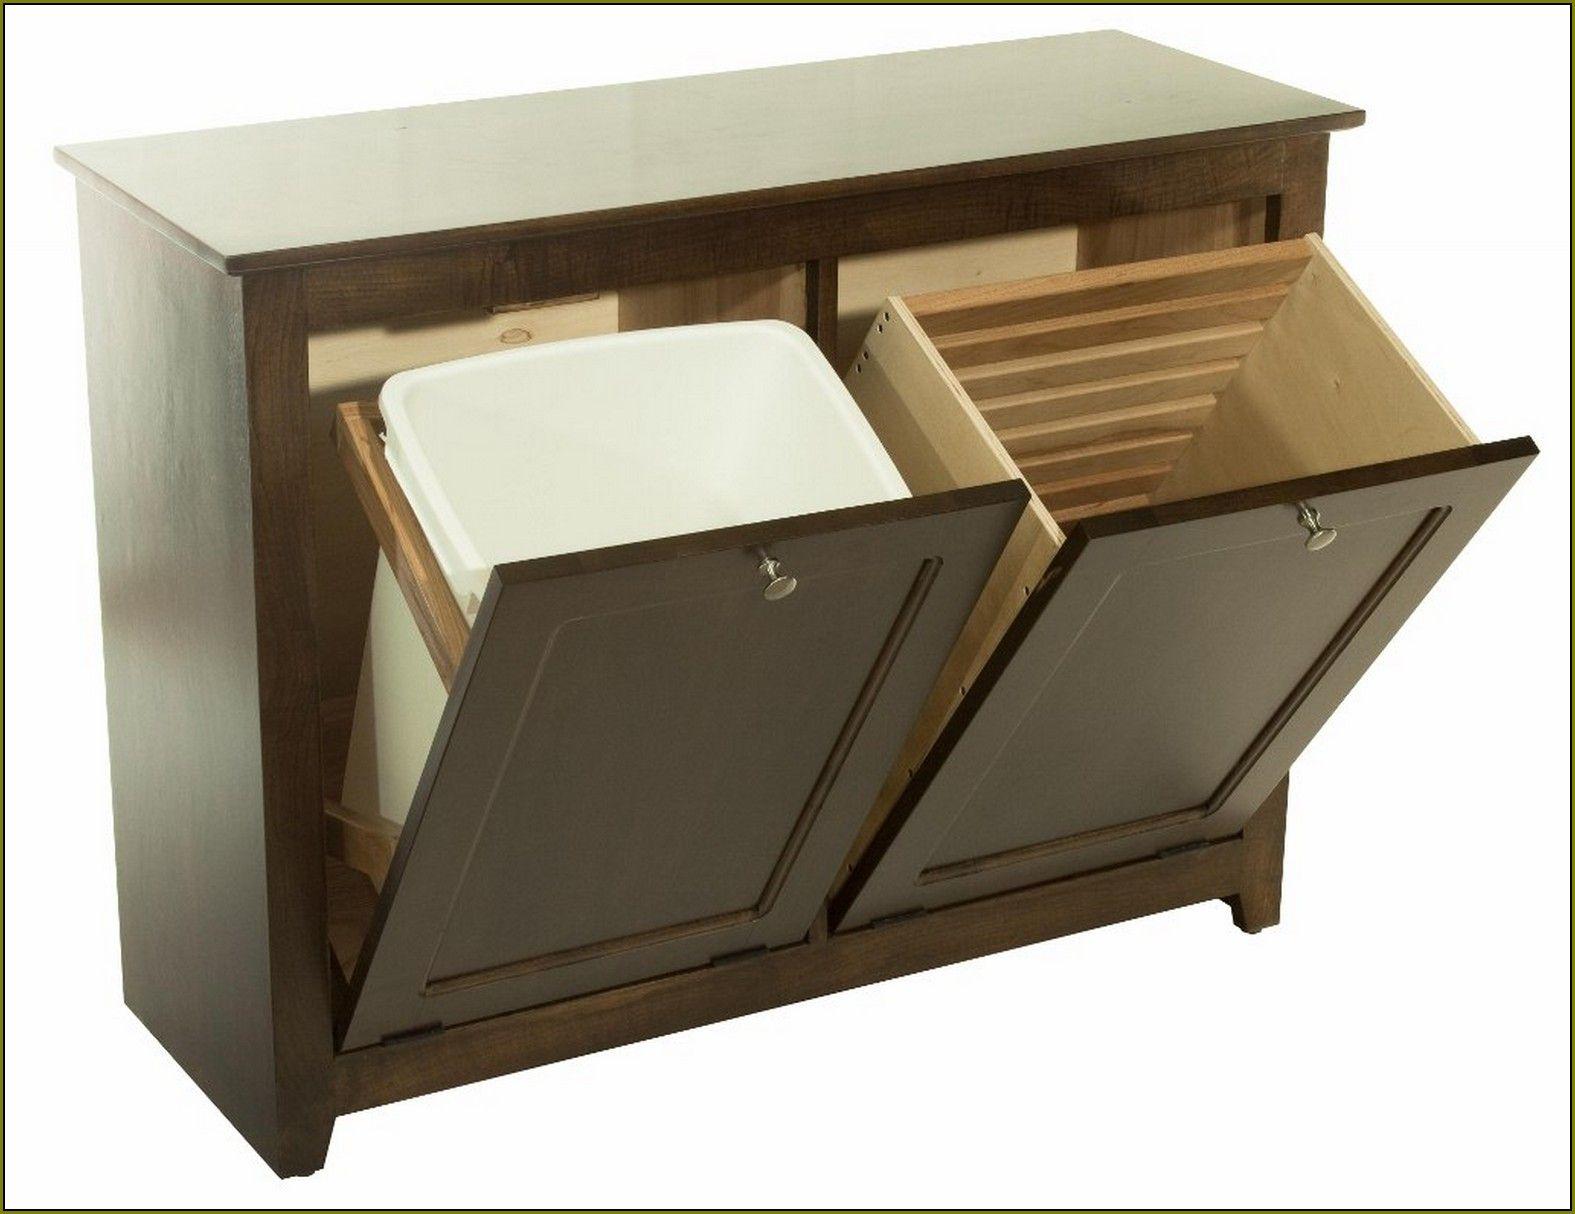 hide kitchen trash can fork tilt out bin http color betteroffted